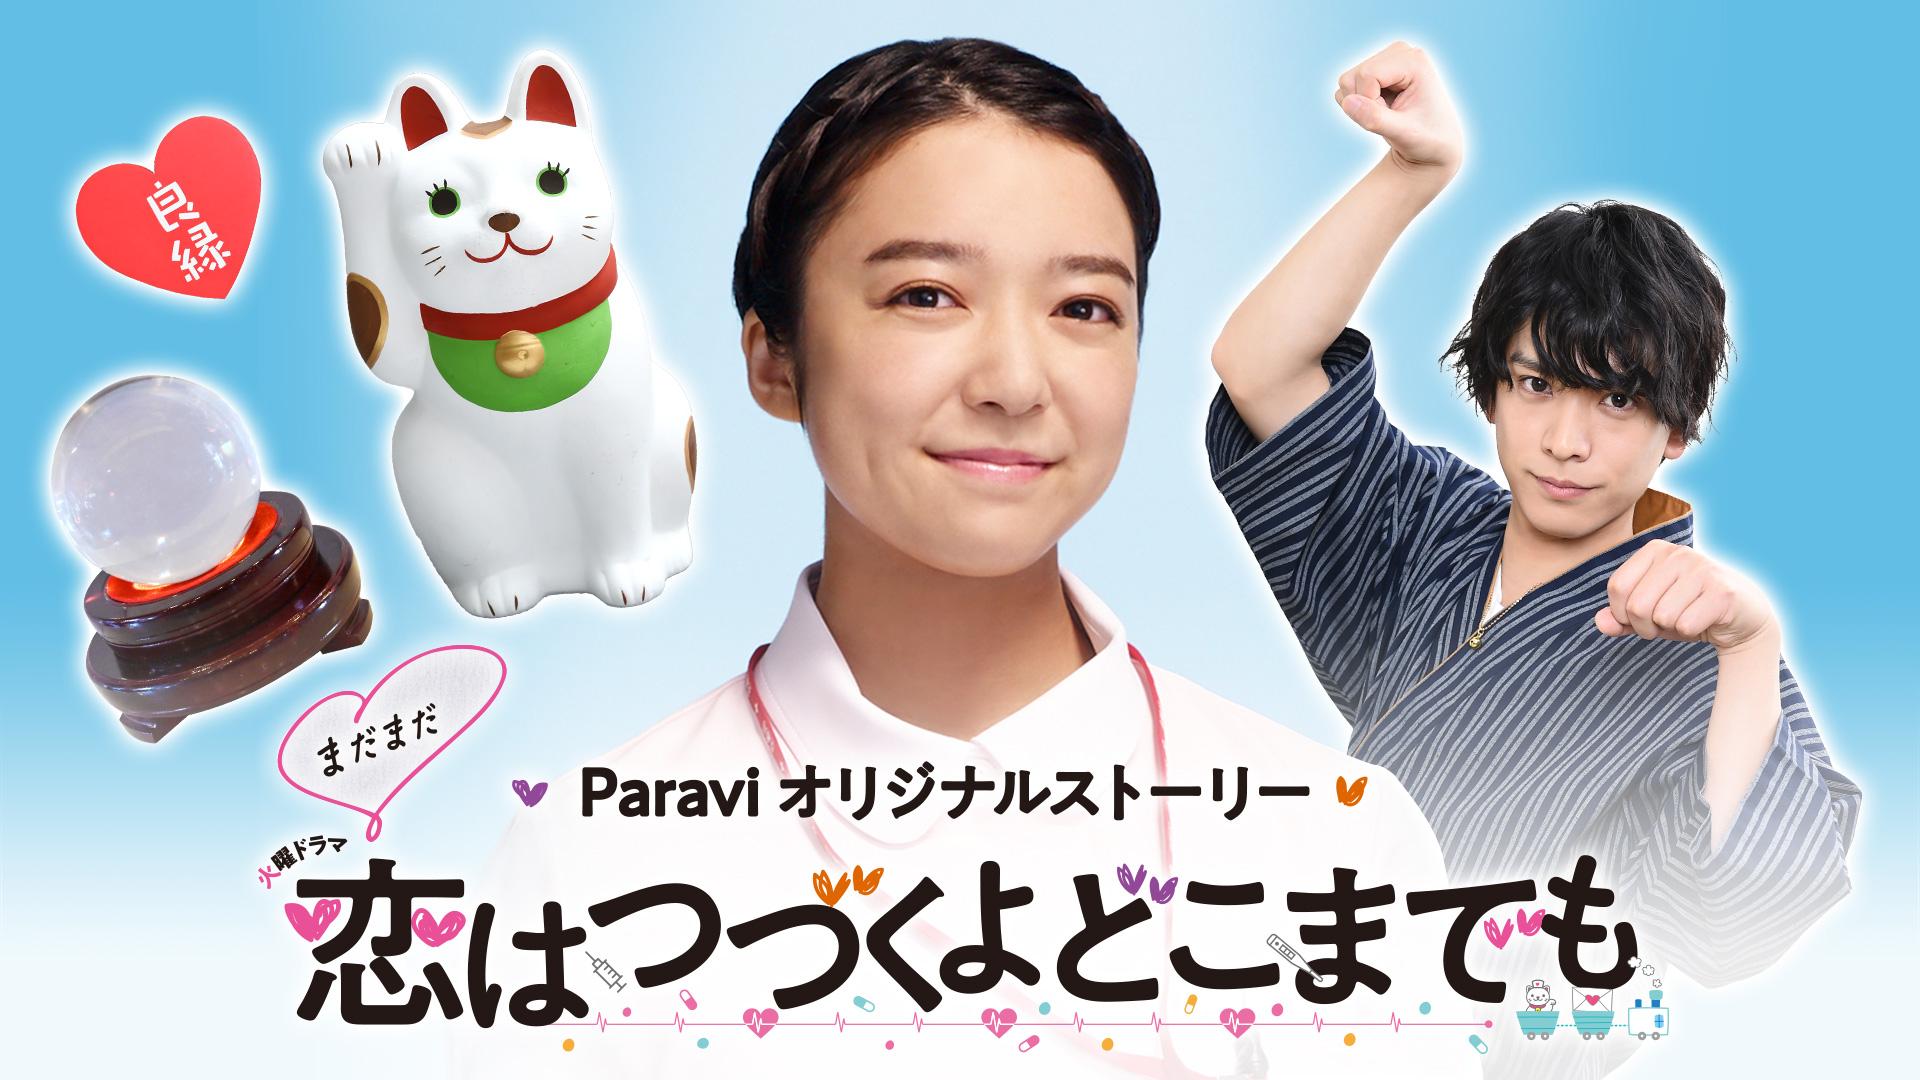 Mada Mada Koi Wa Tsuzuku Yo Doko Made Mo Tv Mini Series 2020 Imdb Love lasts forever , koi wa tsuzuku yo dokomade mo , 恋つづ , koitsudu , koi tsudu 360p dorama drive gdrive hxfile uptobox. mada mada koi wa tsuzuku yo doko made